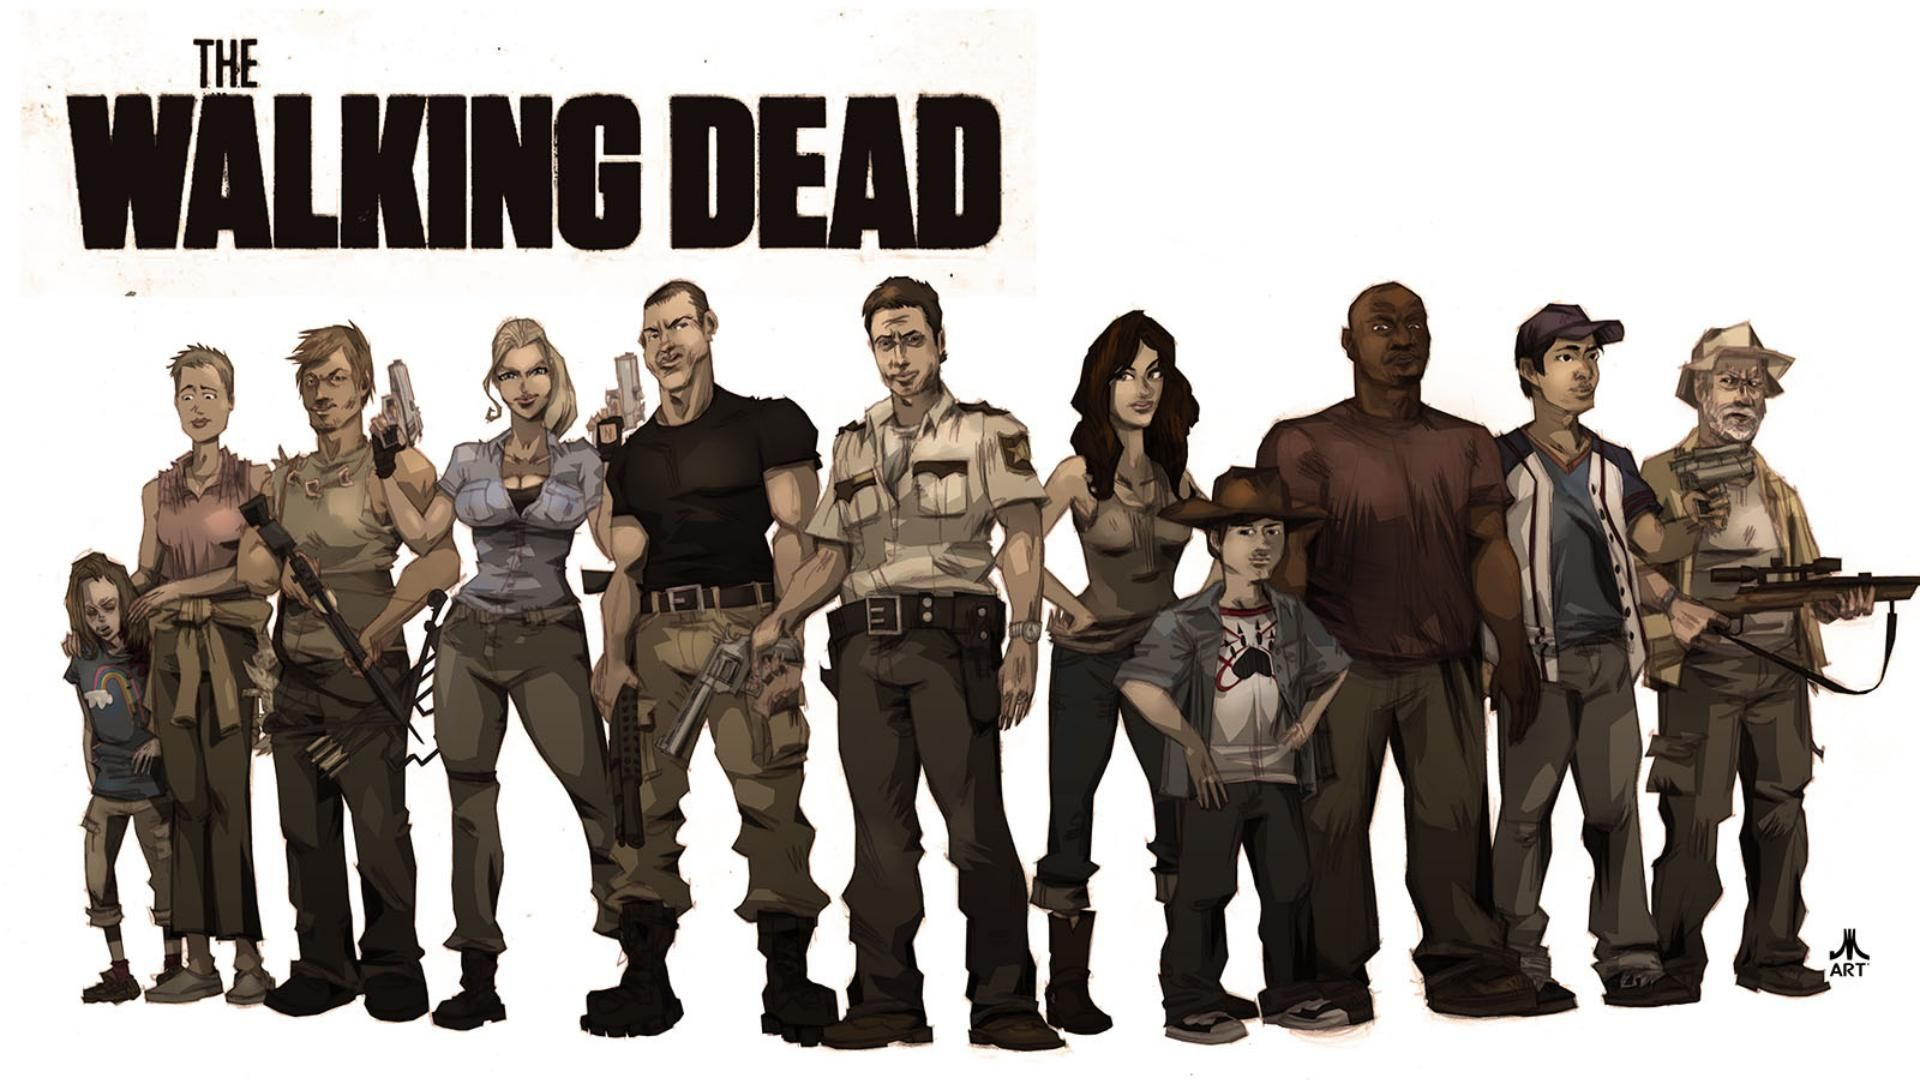 The Walking Dead Desktop Backgrounds